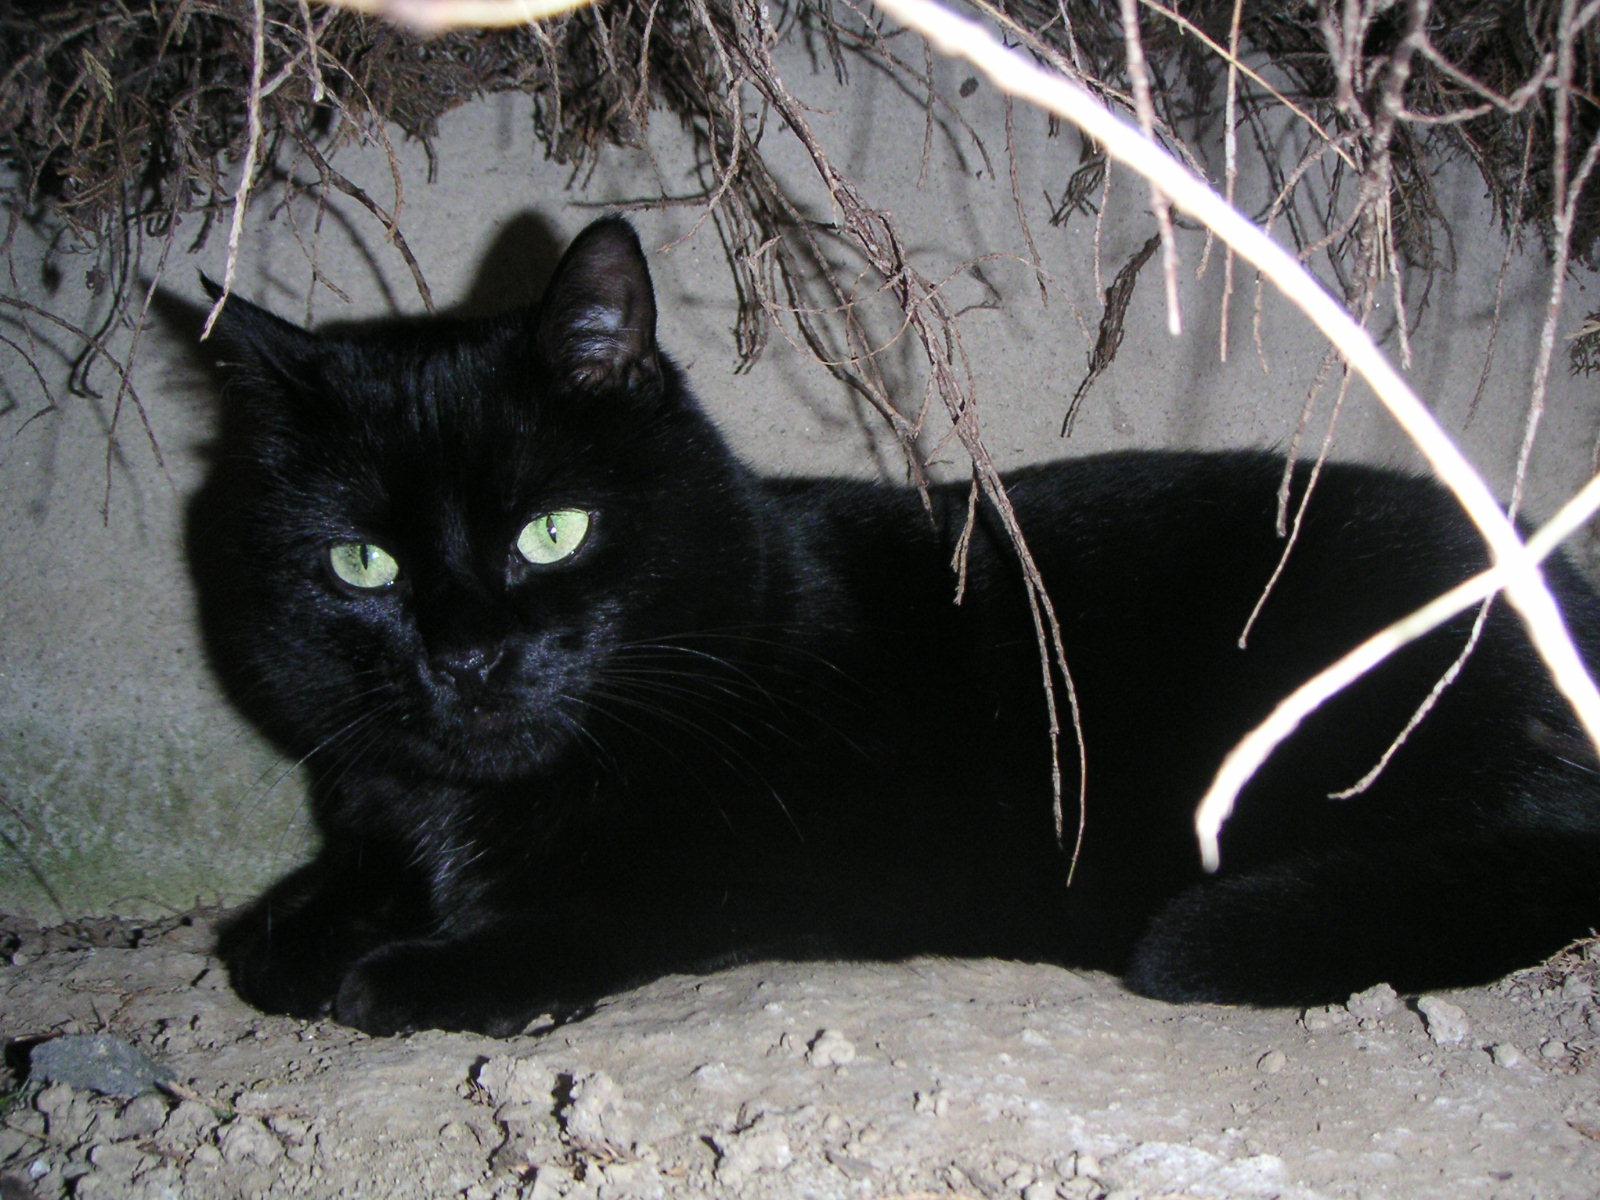 noir local chatte pics chanson orgie